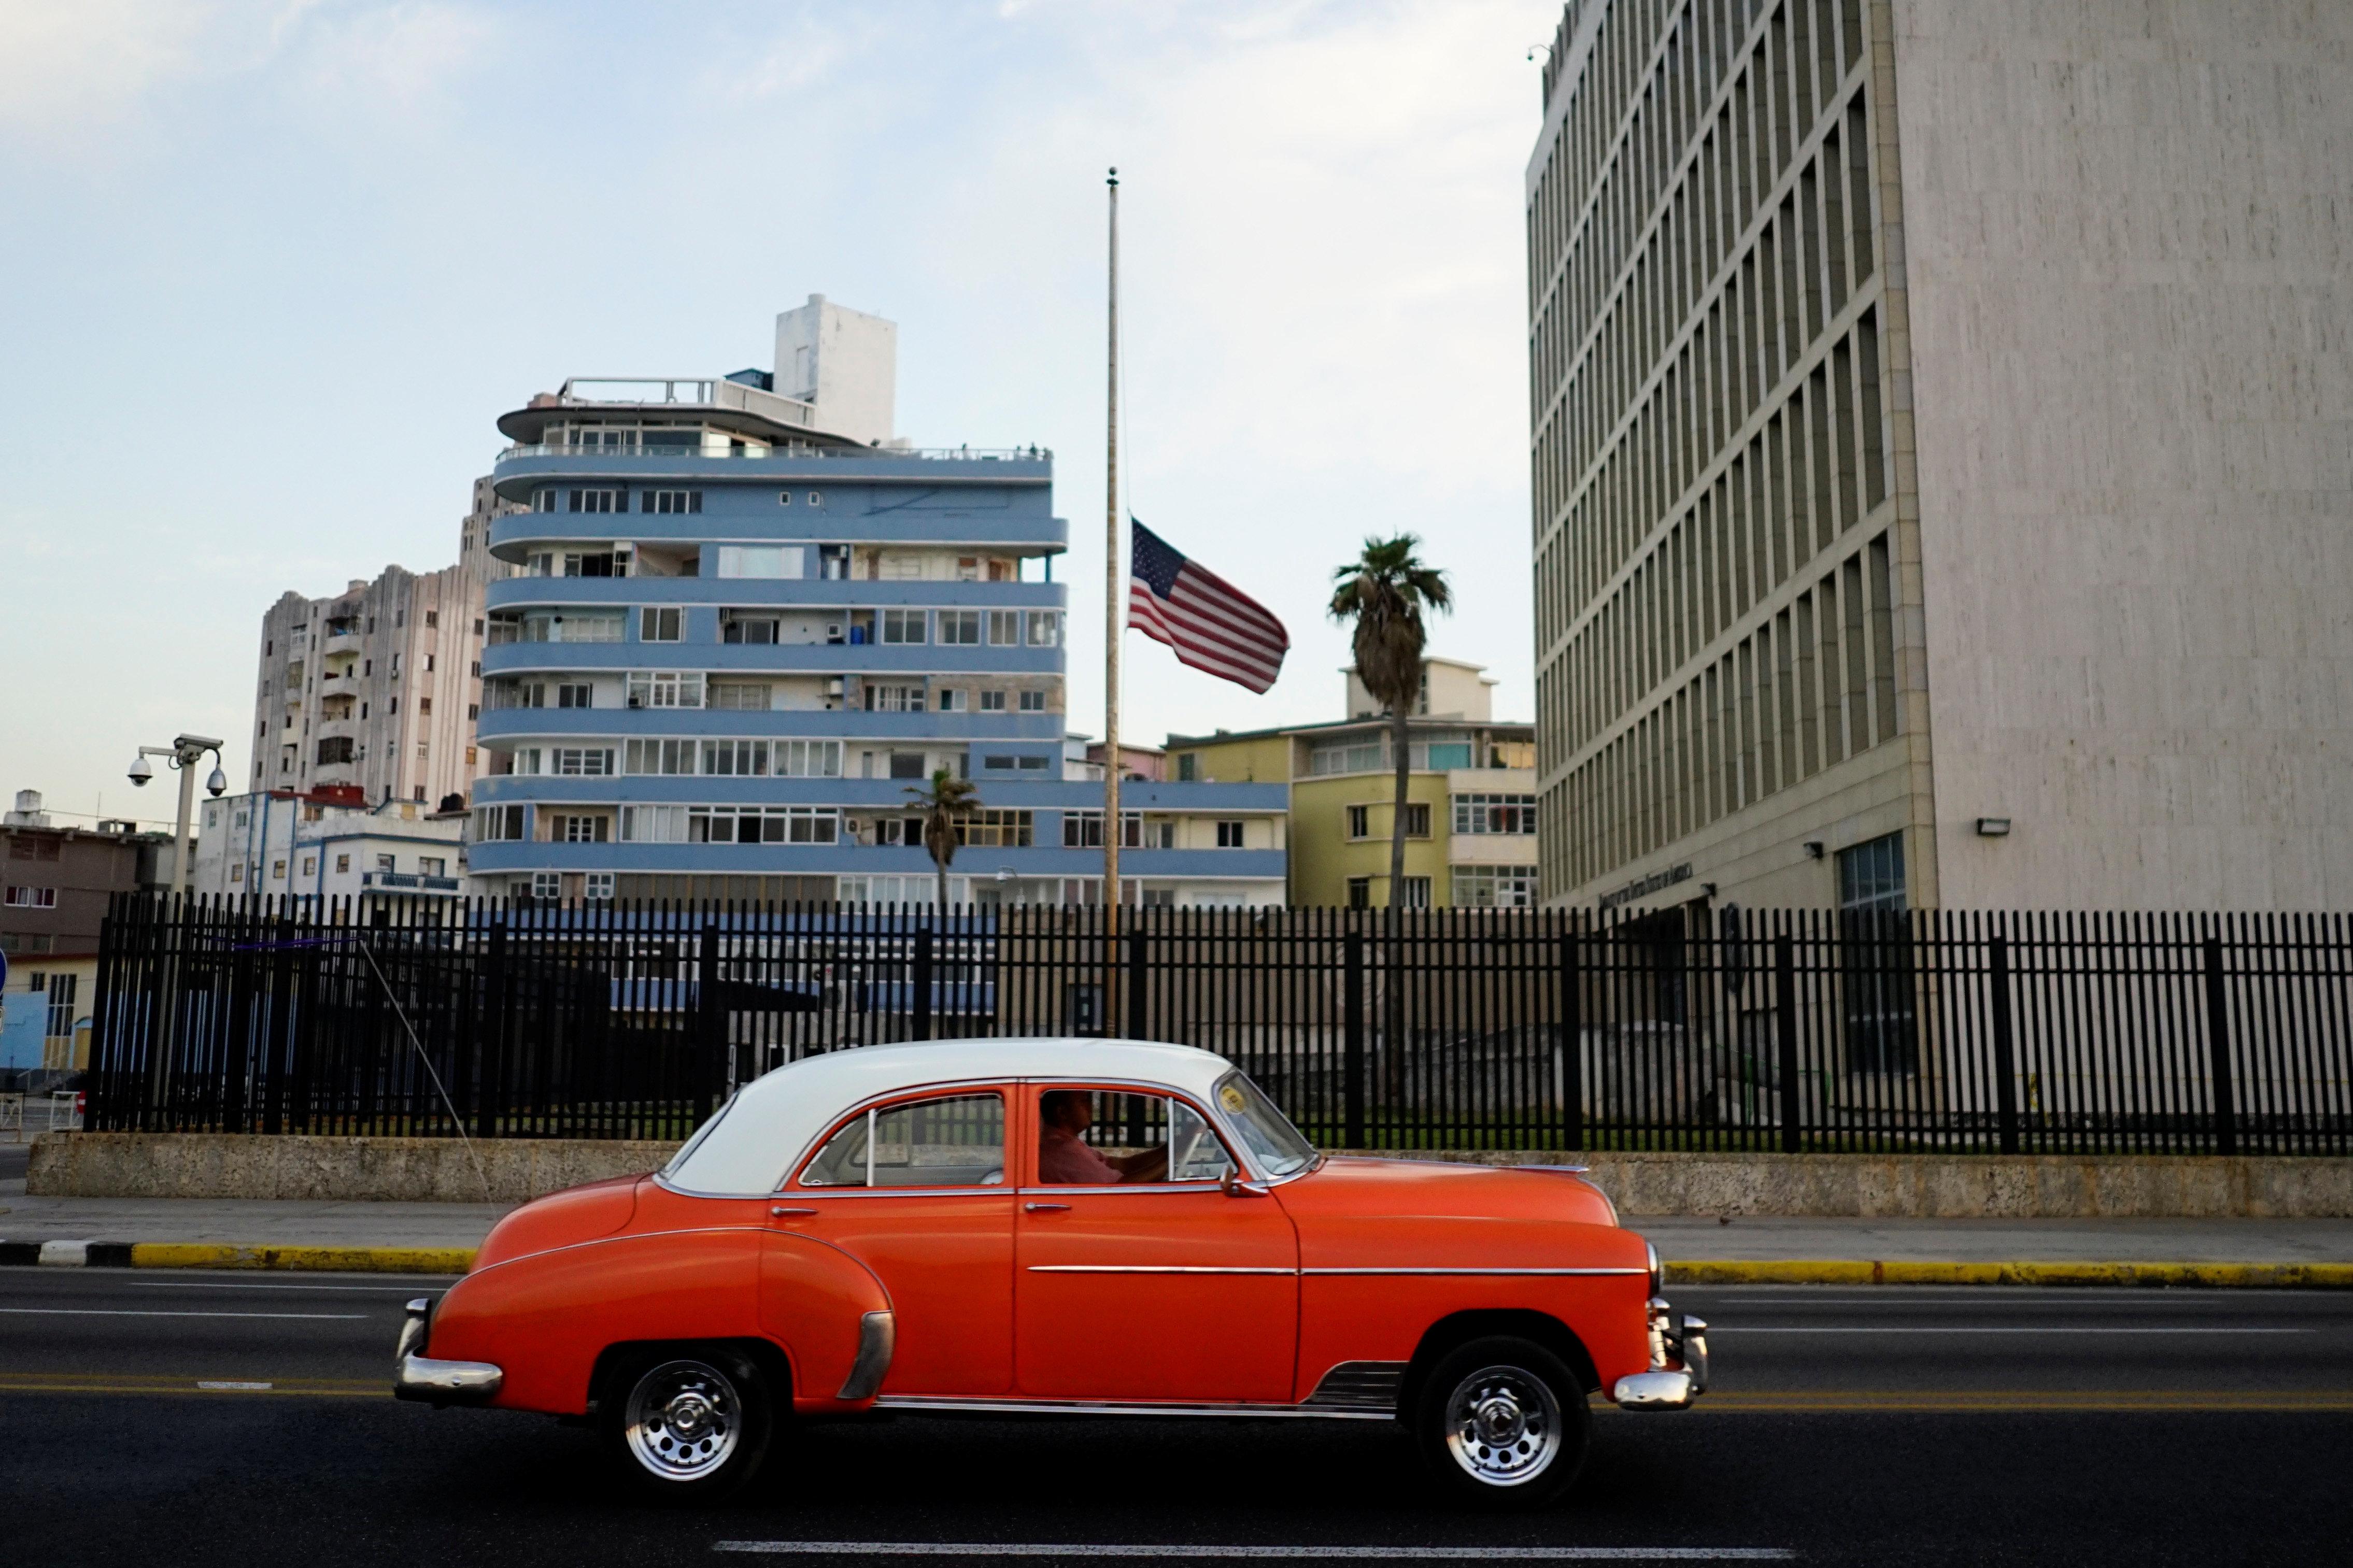 Η Κούβα απορρίπτει το ενδεχόμενο «ηχητικών επιθέσεων» σε Αμερικανούς